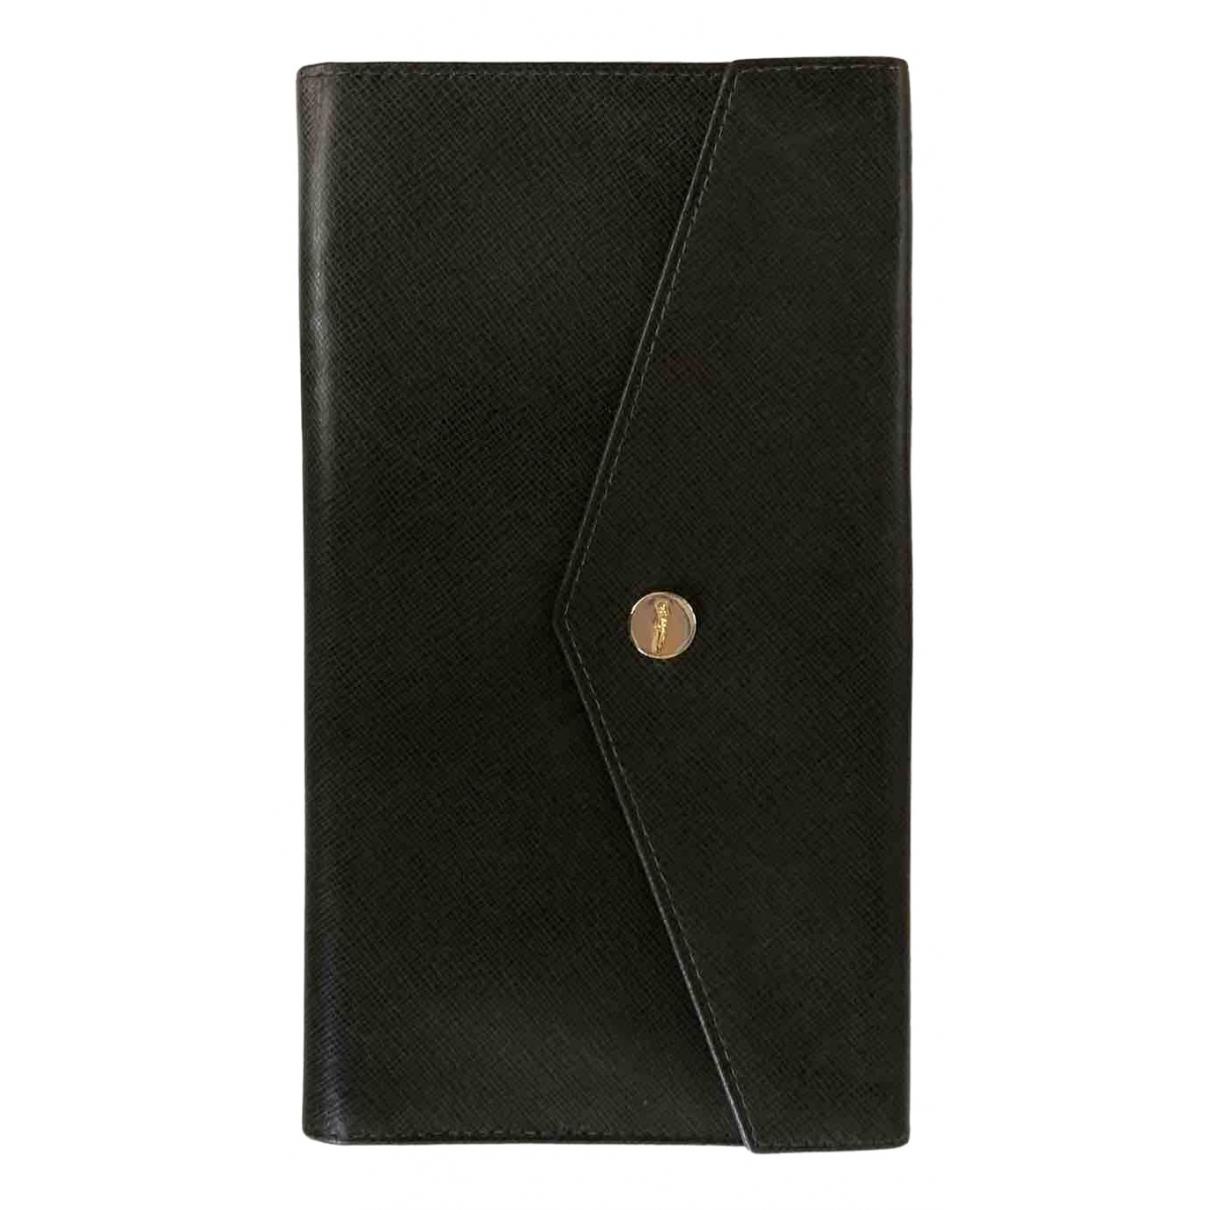 Salvatore Ferragamo N Green Leather wallet for Women N